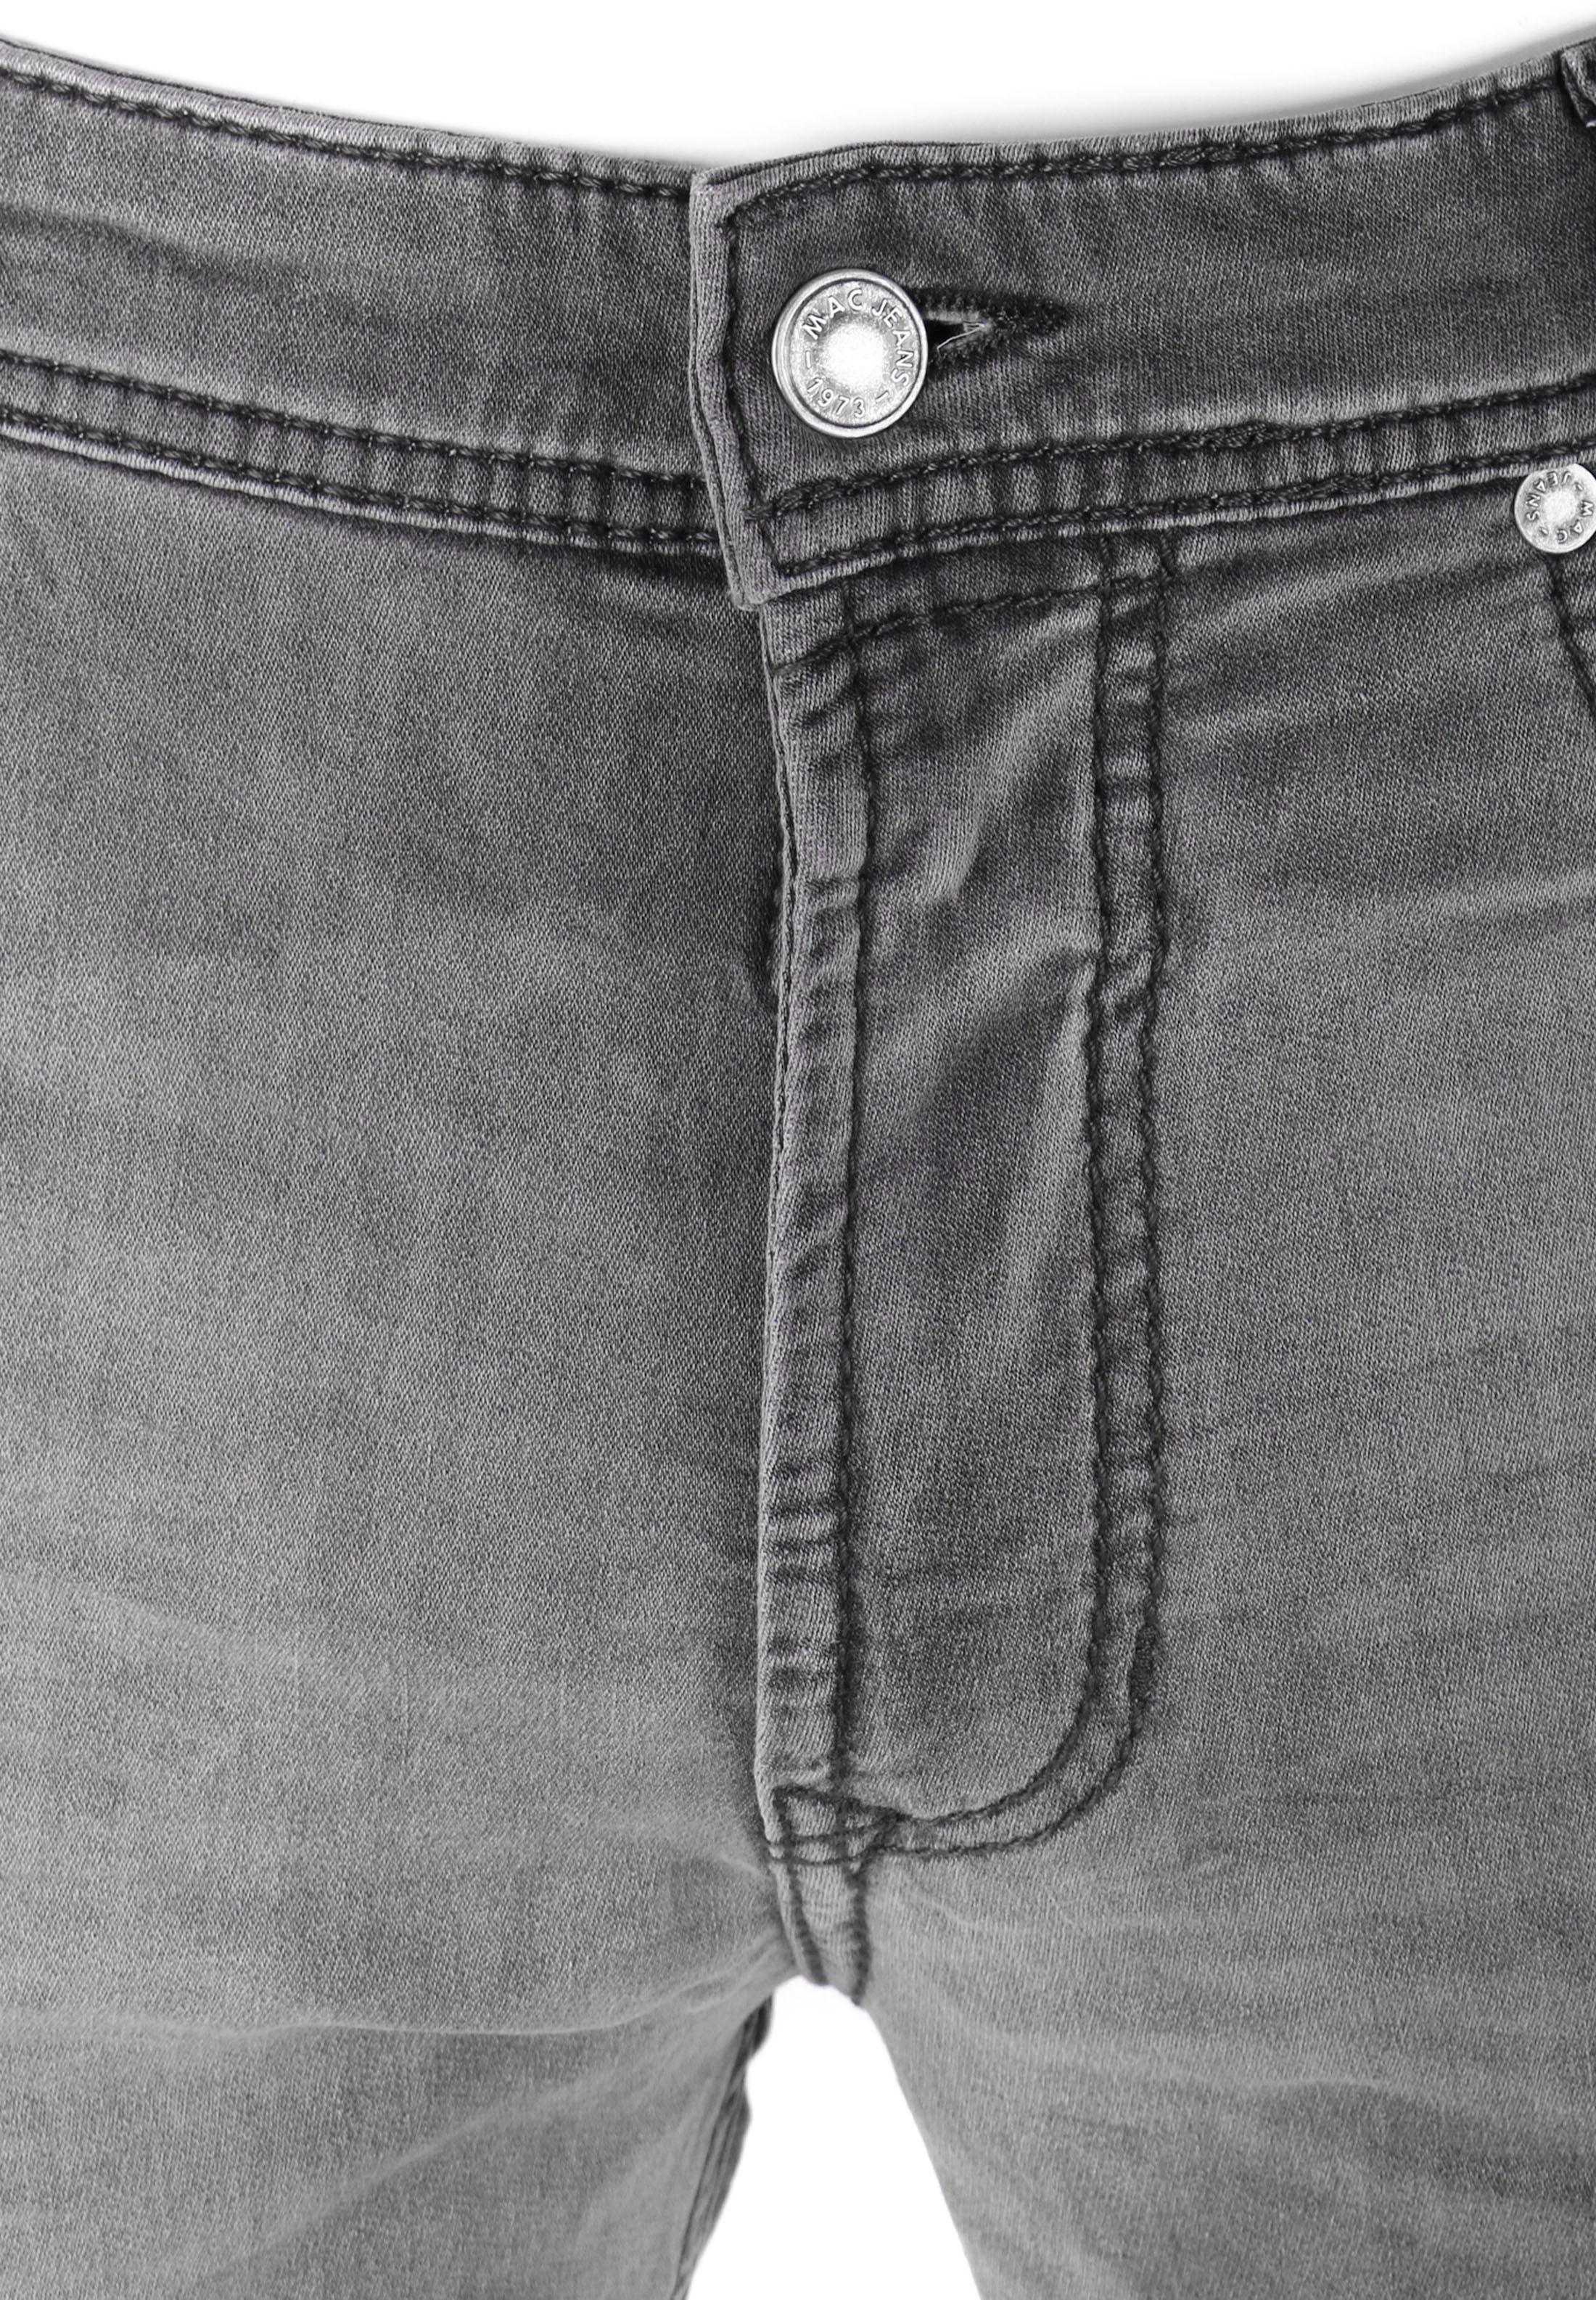 Mac Jog N Jeans Grijs H825 foto 1